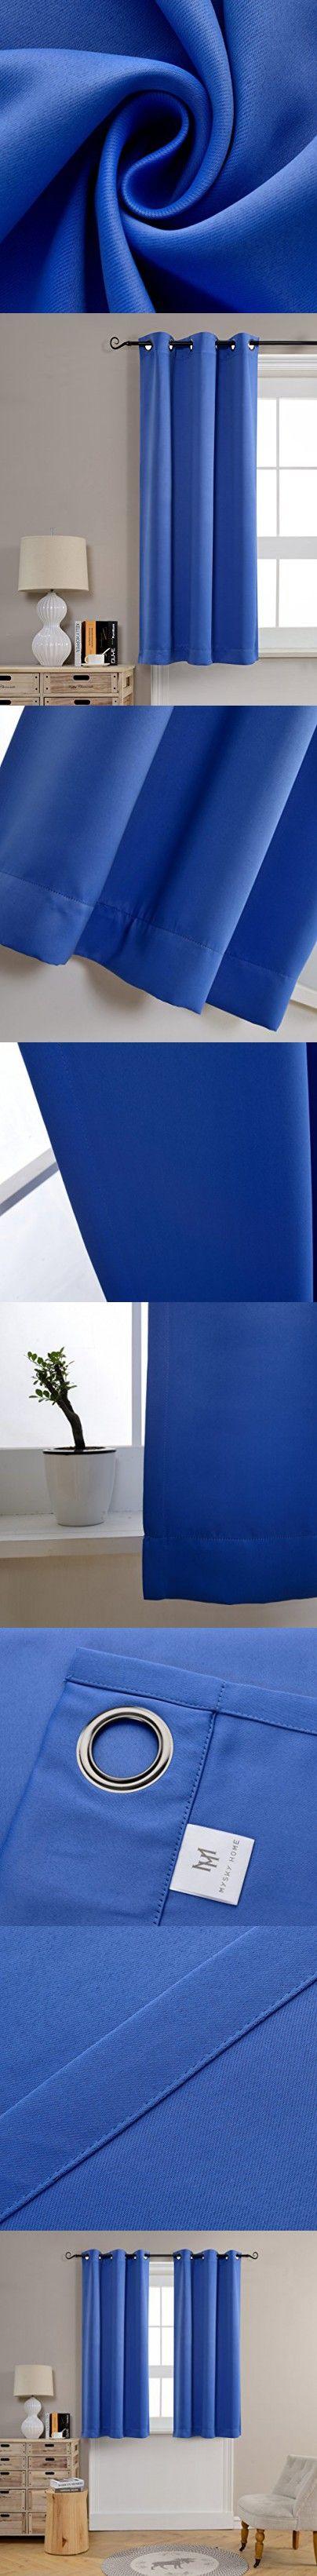 cobalt blue bedroom www galleryhip com the hippest pics cobalt blue bedrooms on pinterest blue bedrooms